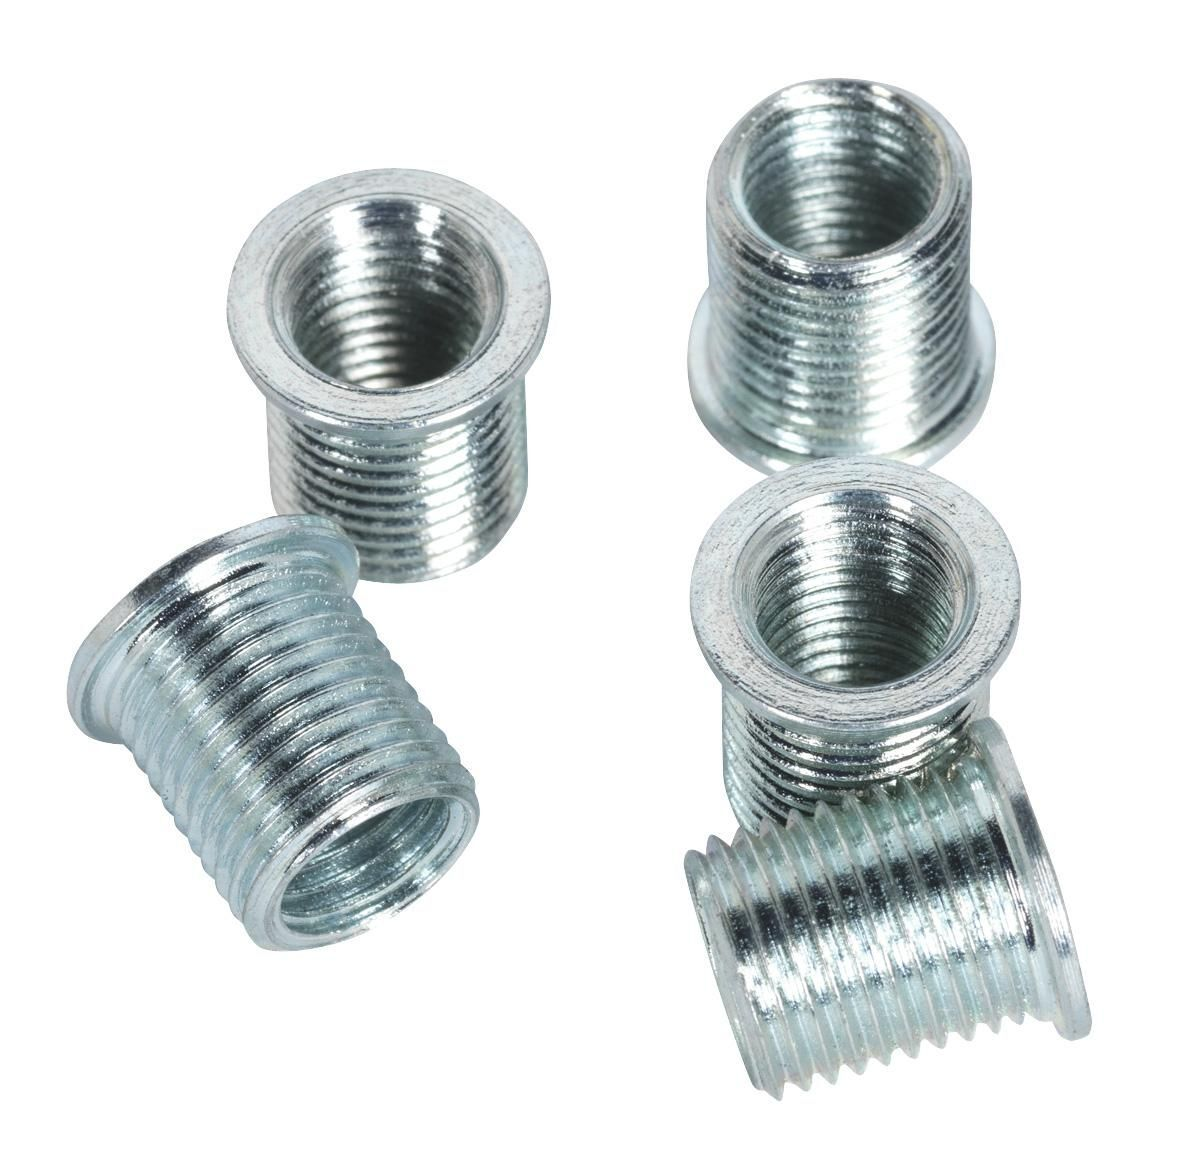 Glow plug glowplug thread repair inserts m mm pack of